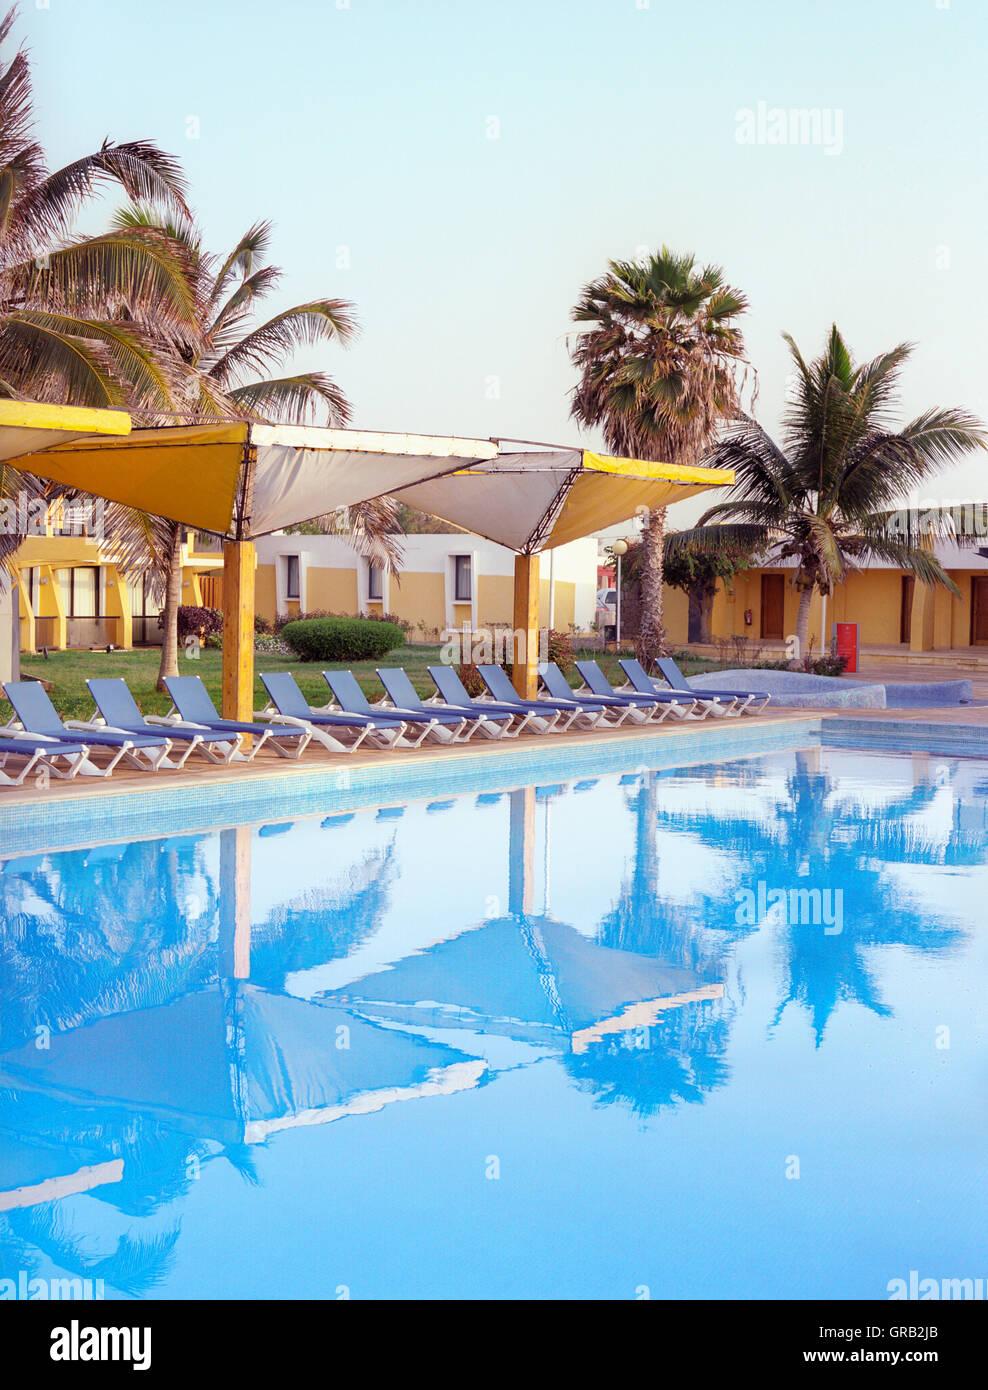 Sonnenaufgang am Hauptpool im Oasis Atlantico Hotel. Praia, Ilha de Santiago, Kapverdische Inseln, Afrika. Stockbild